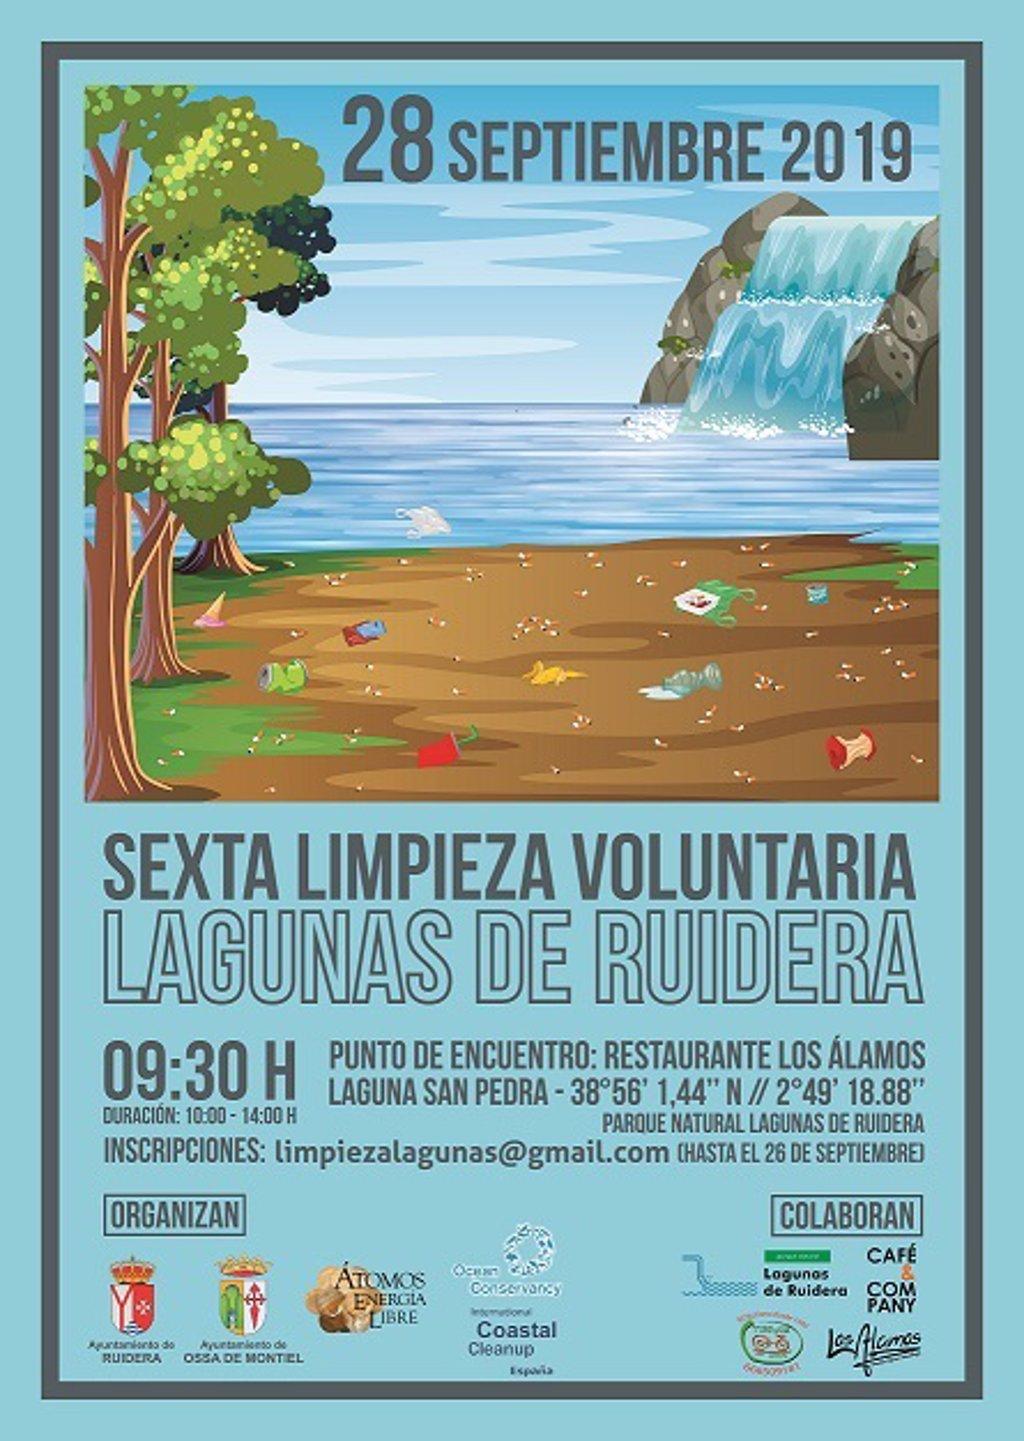 Voluntarios Acudirán Este Sábado A Recoger La Basura Generada Por Los Veraneantes En Las Lagunas De Ruidera